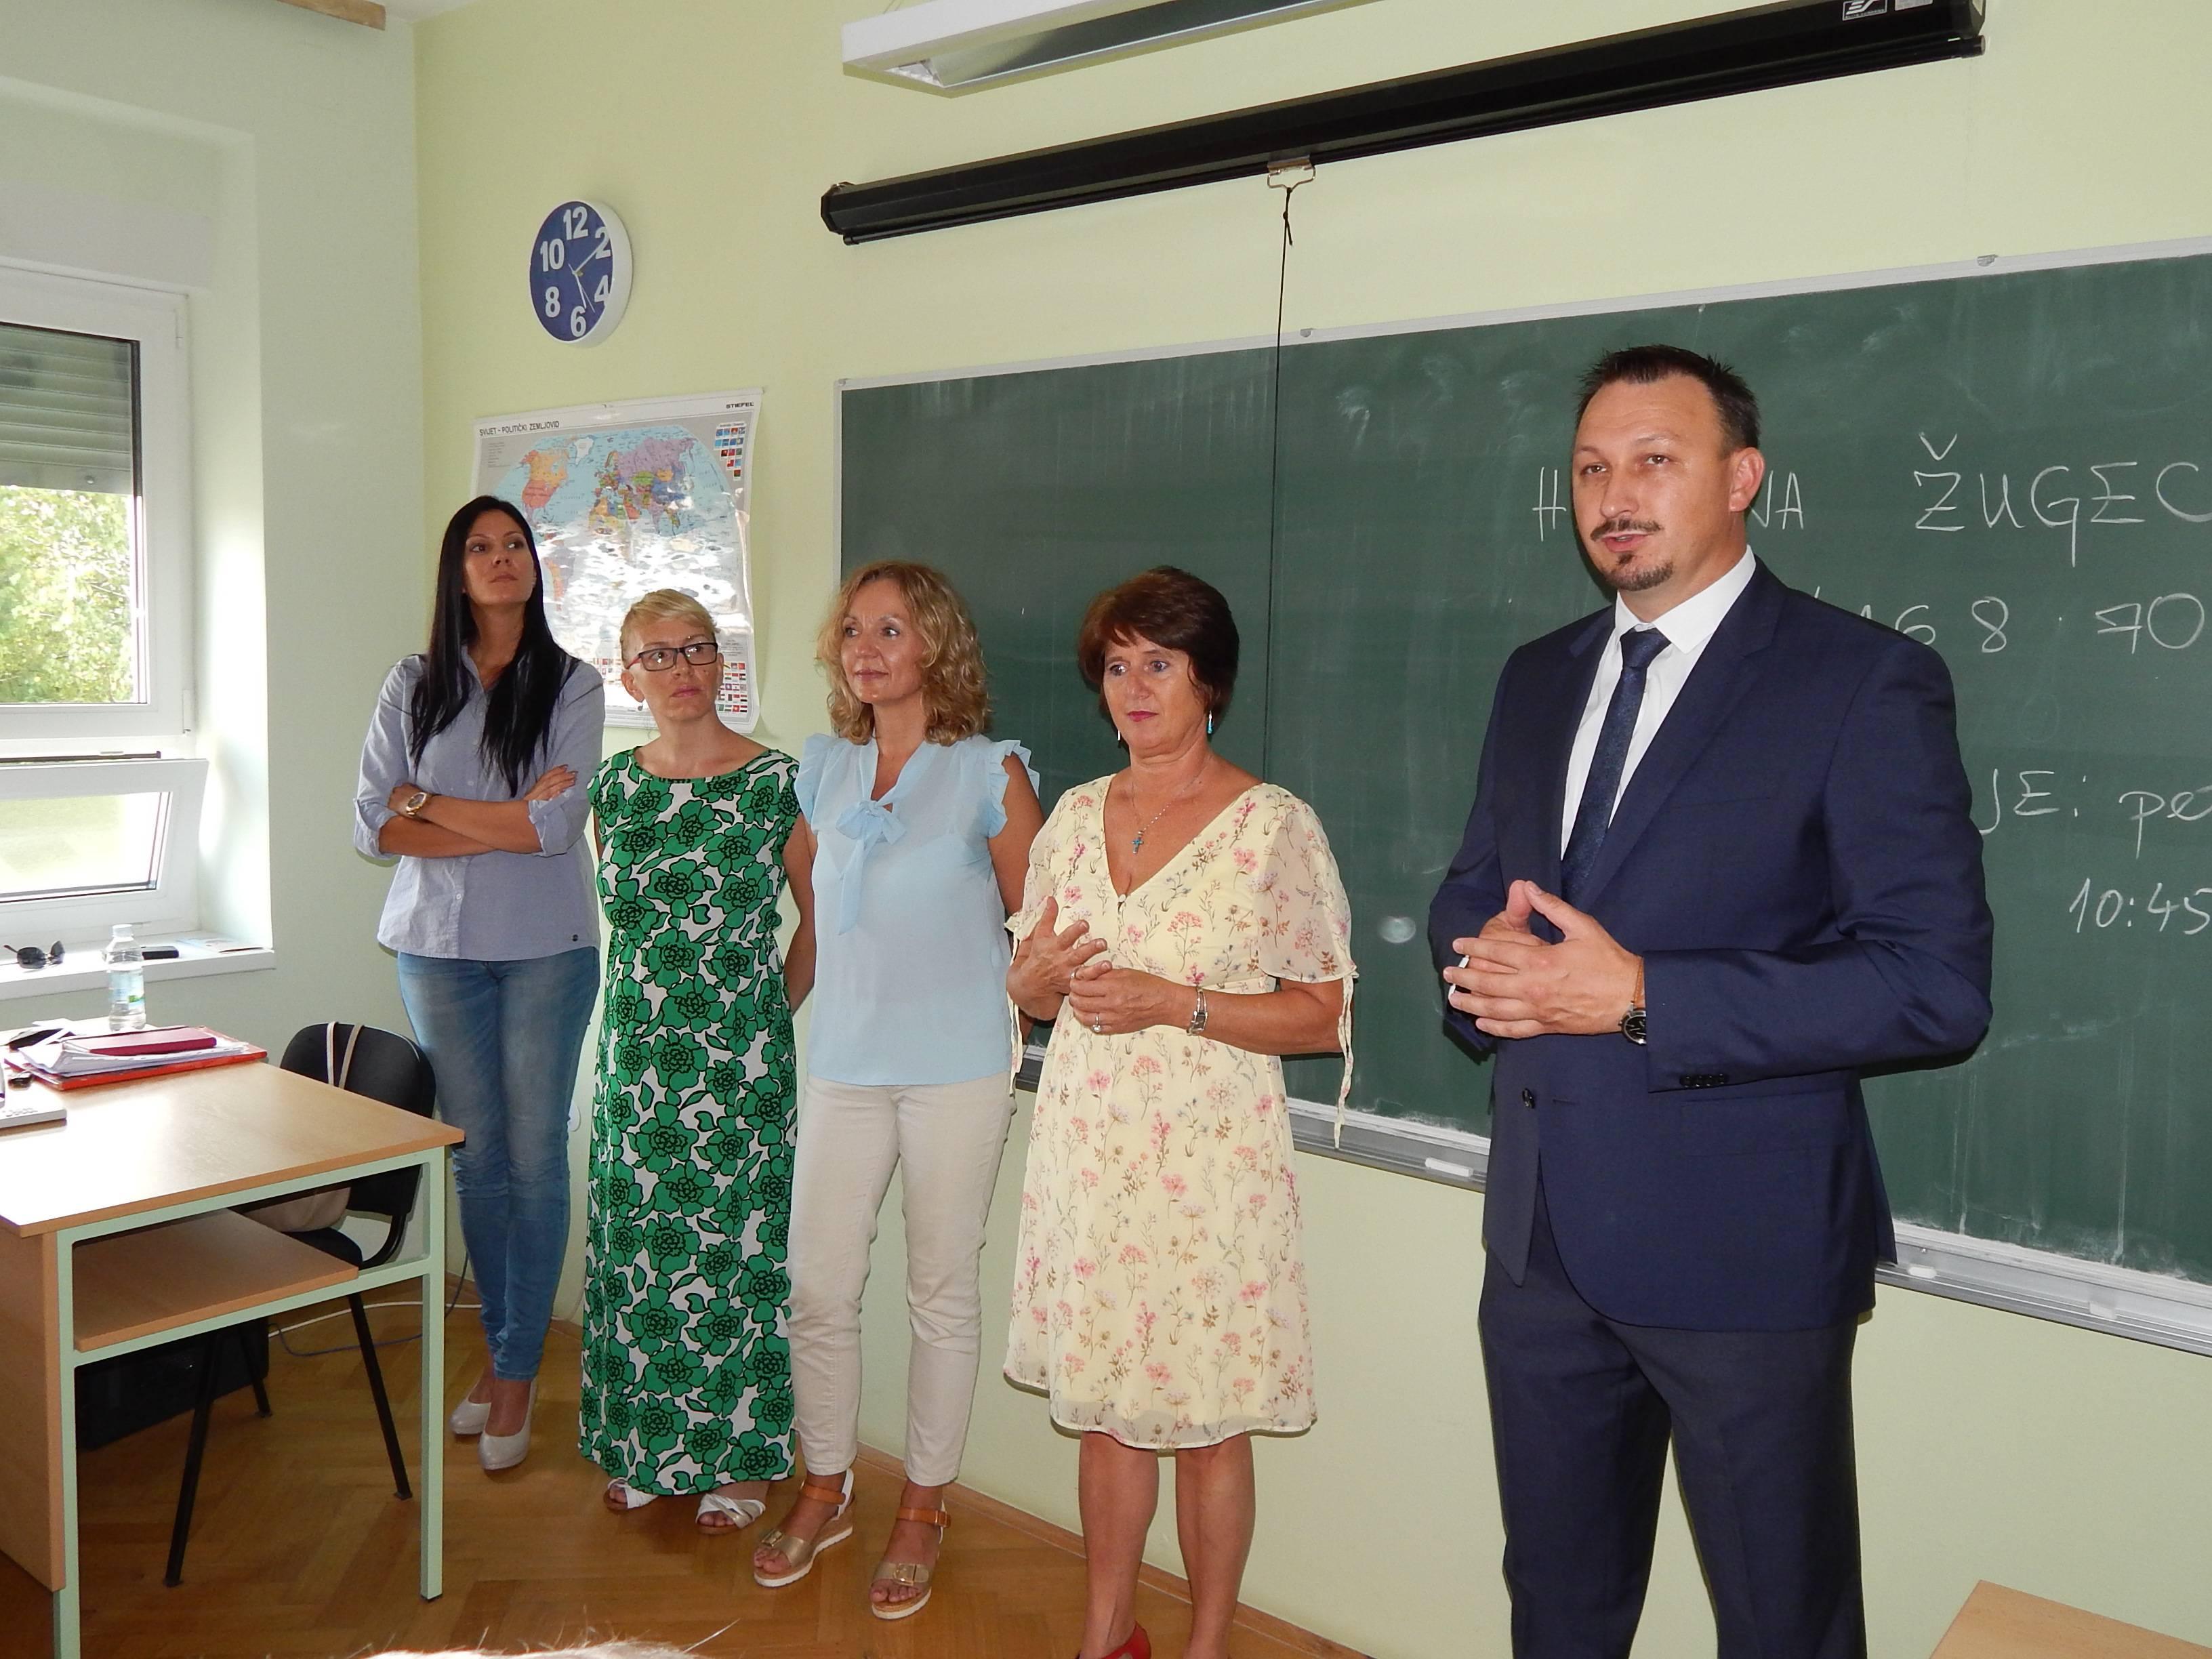 de7db23055c9 Gradonačelnik podijelio besplatne udžbenike učenicima 1. razreda Srednje  škole Novi Marof